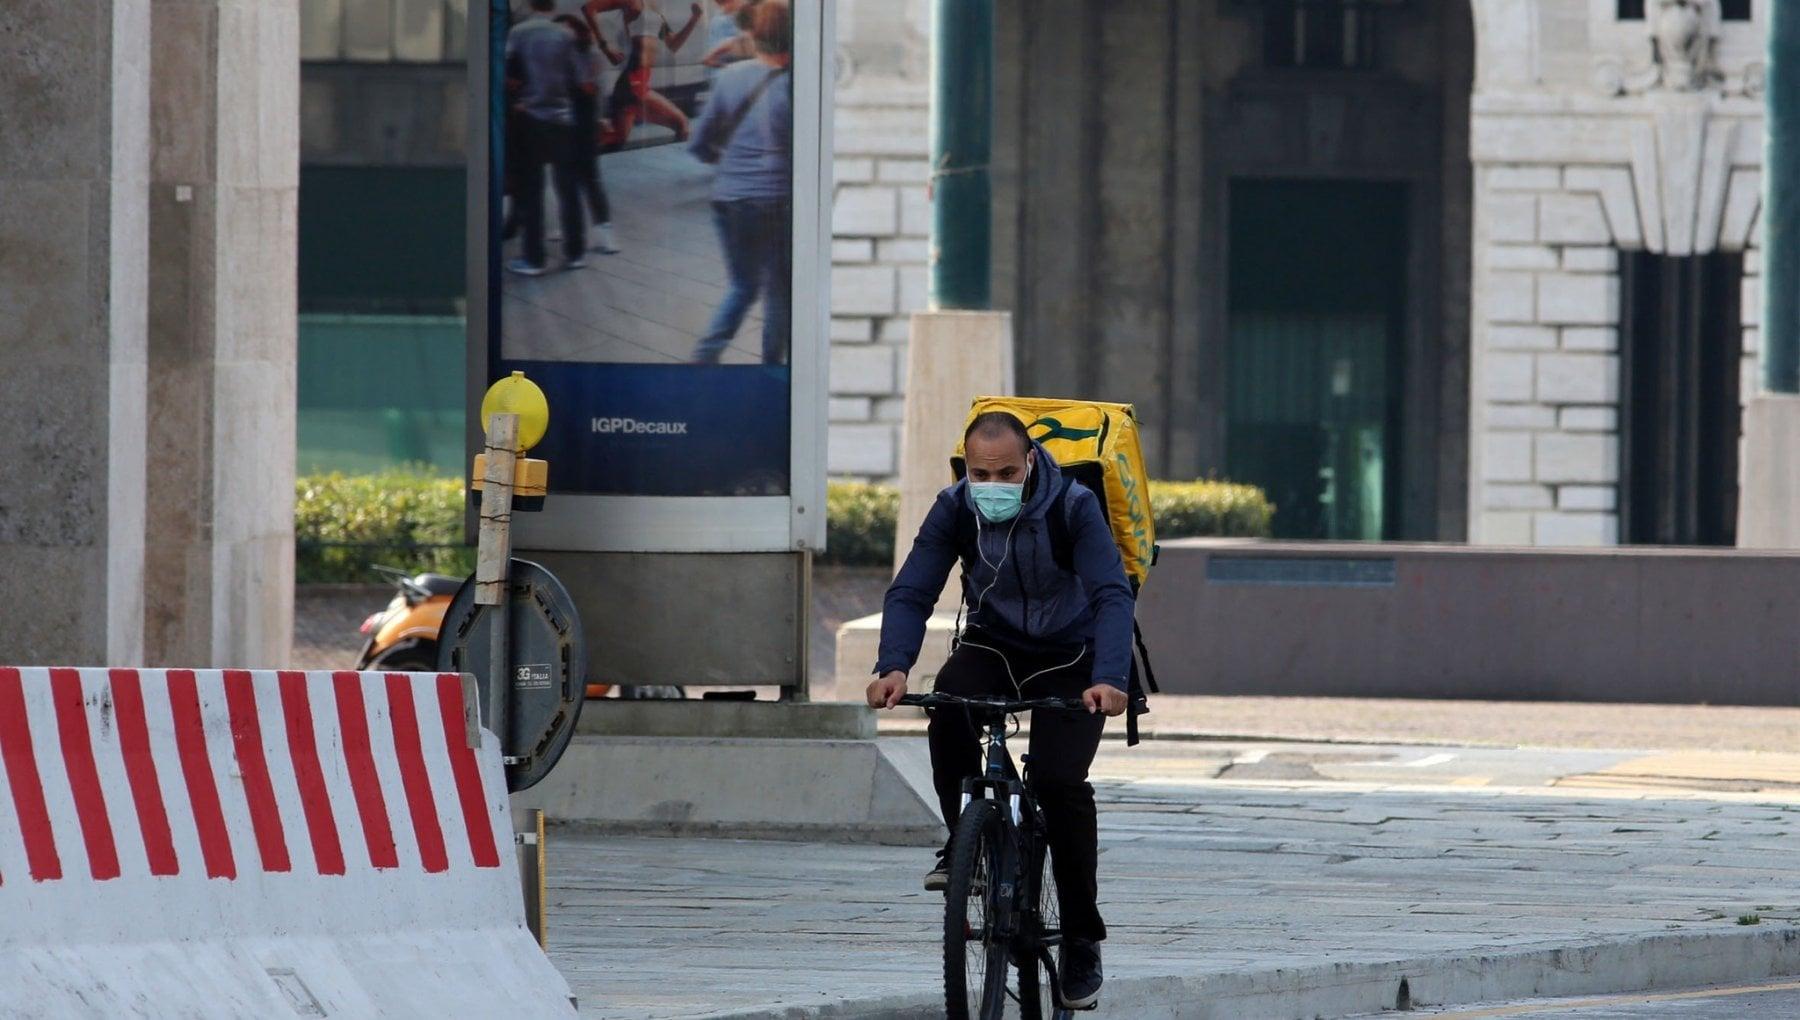 Genova una squadra per i ciclisti invisibili. Costa Ceis Anche Coppi era un rider